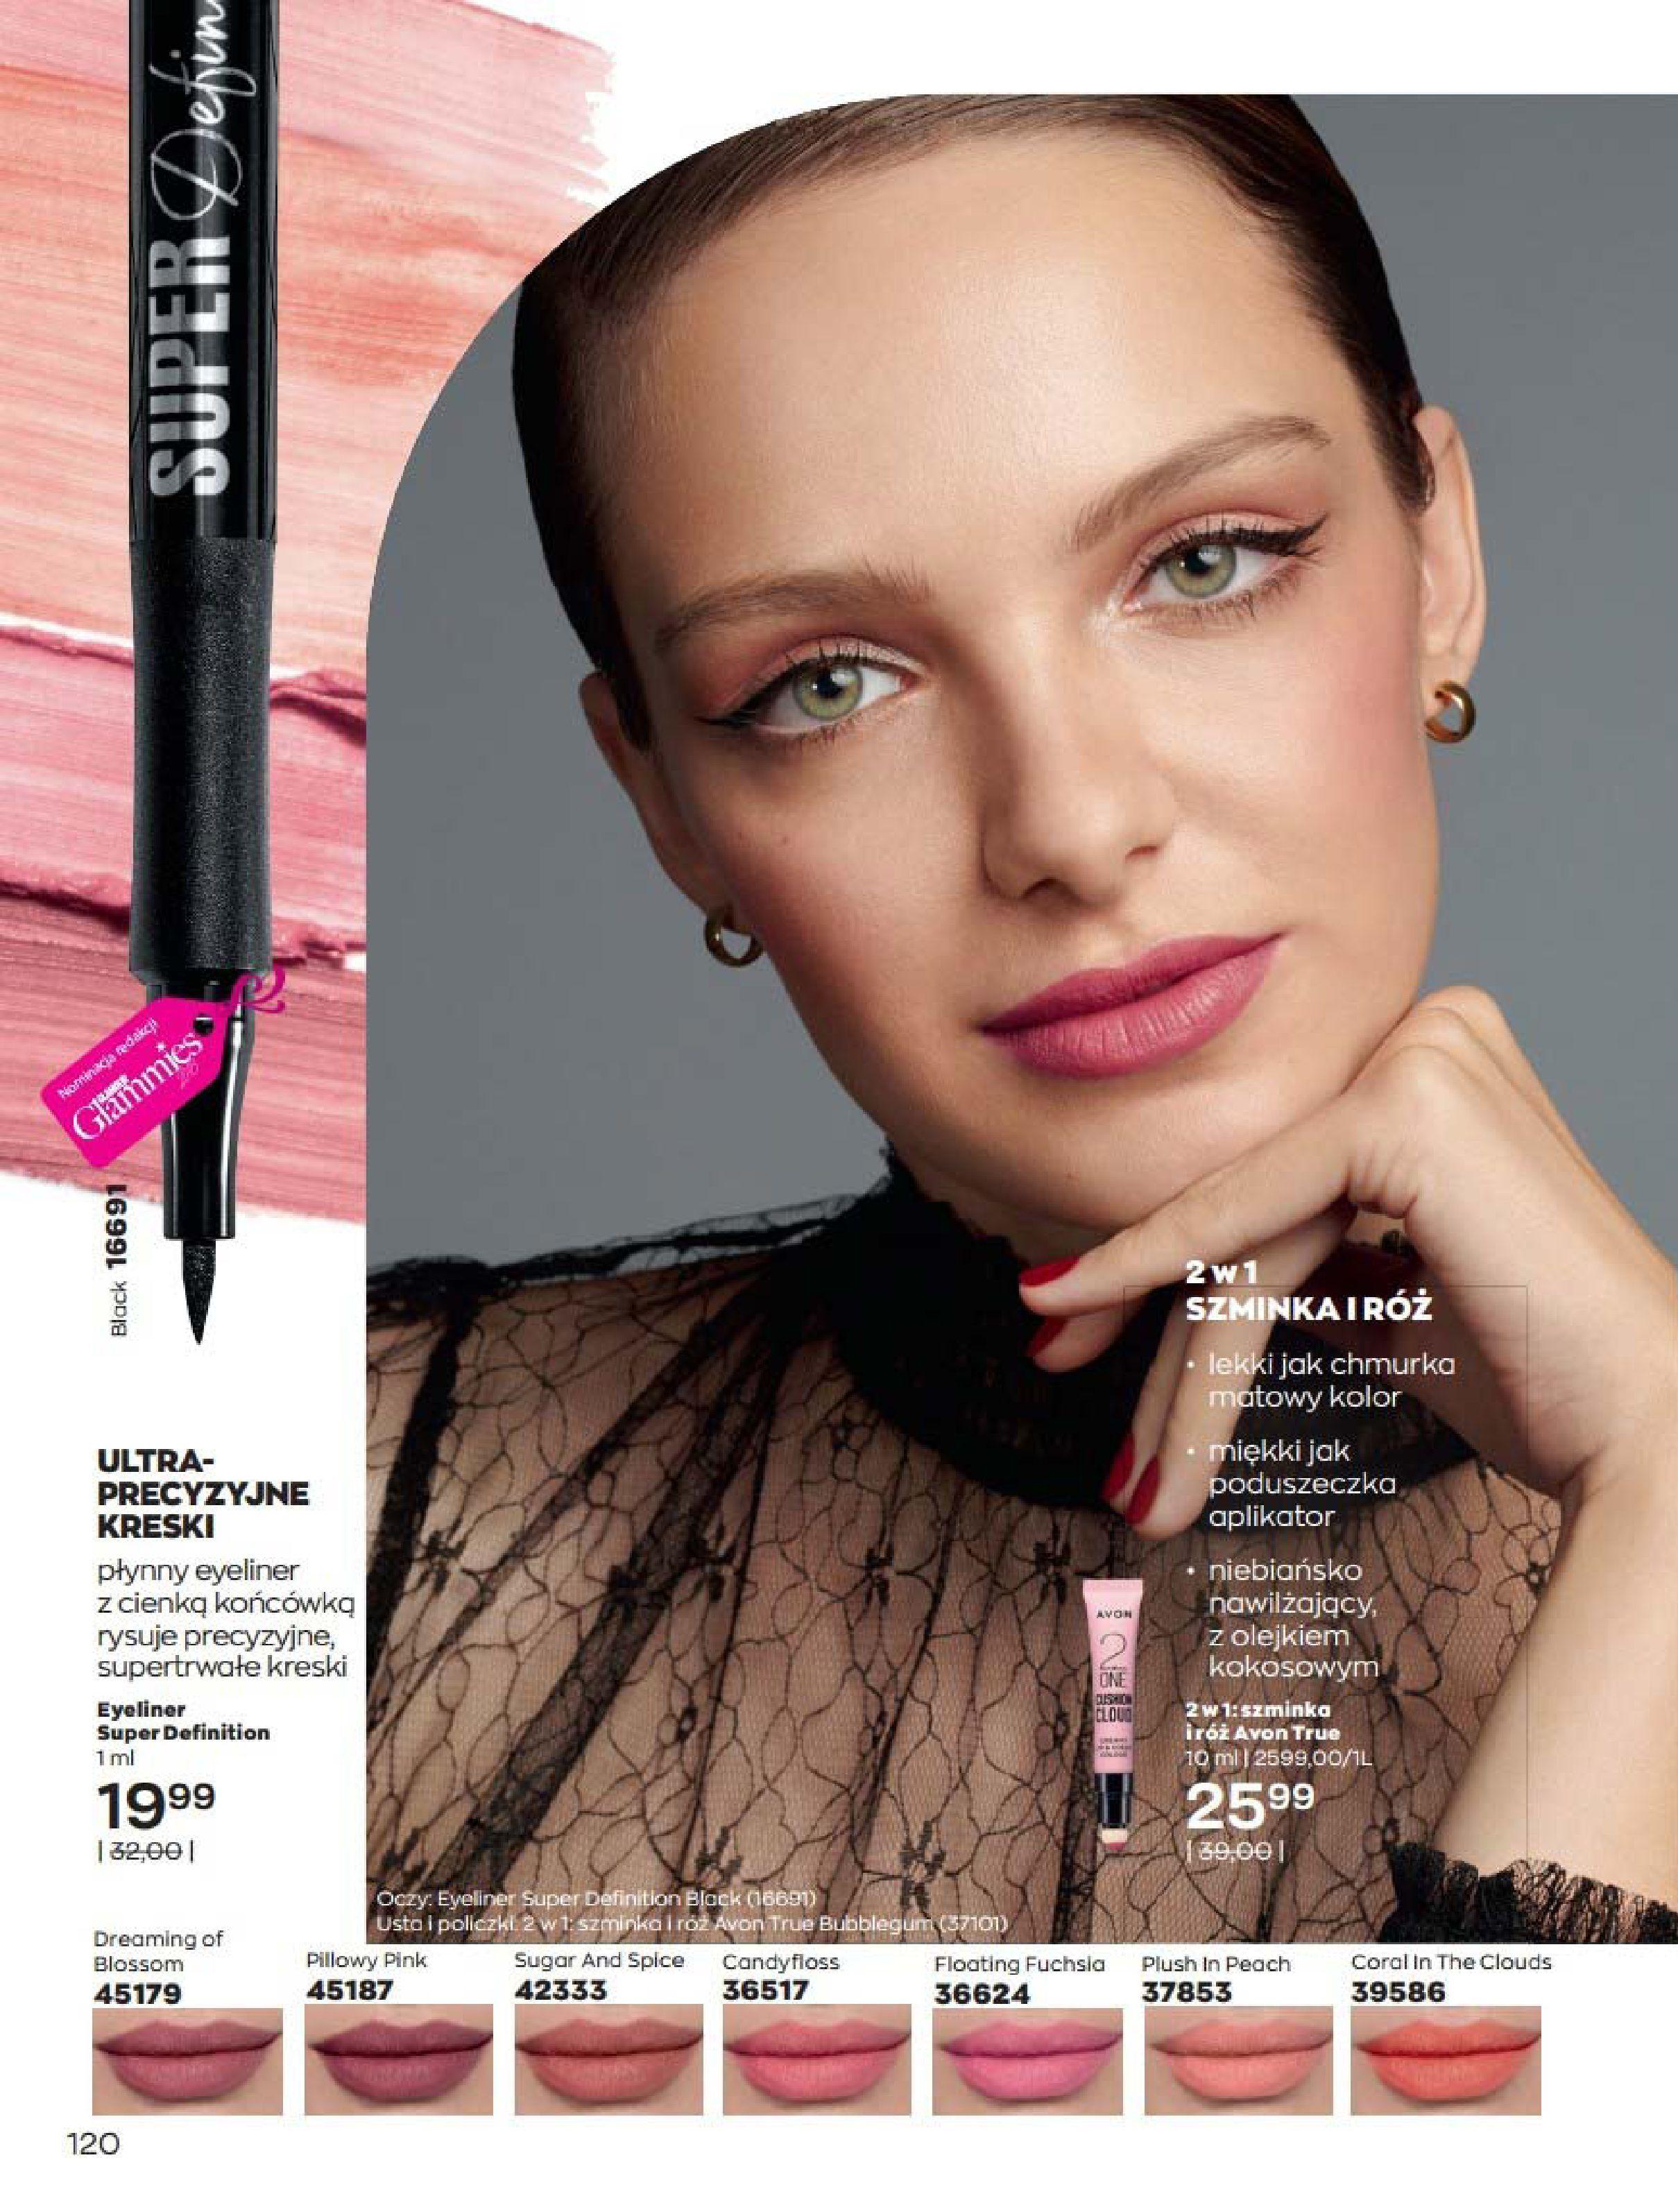 Gazetka Avon: Katalog Luty 2021 2021-02-01 page-120